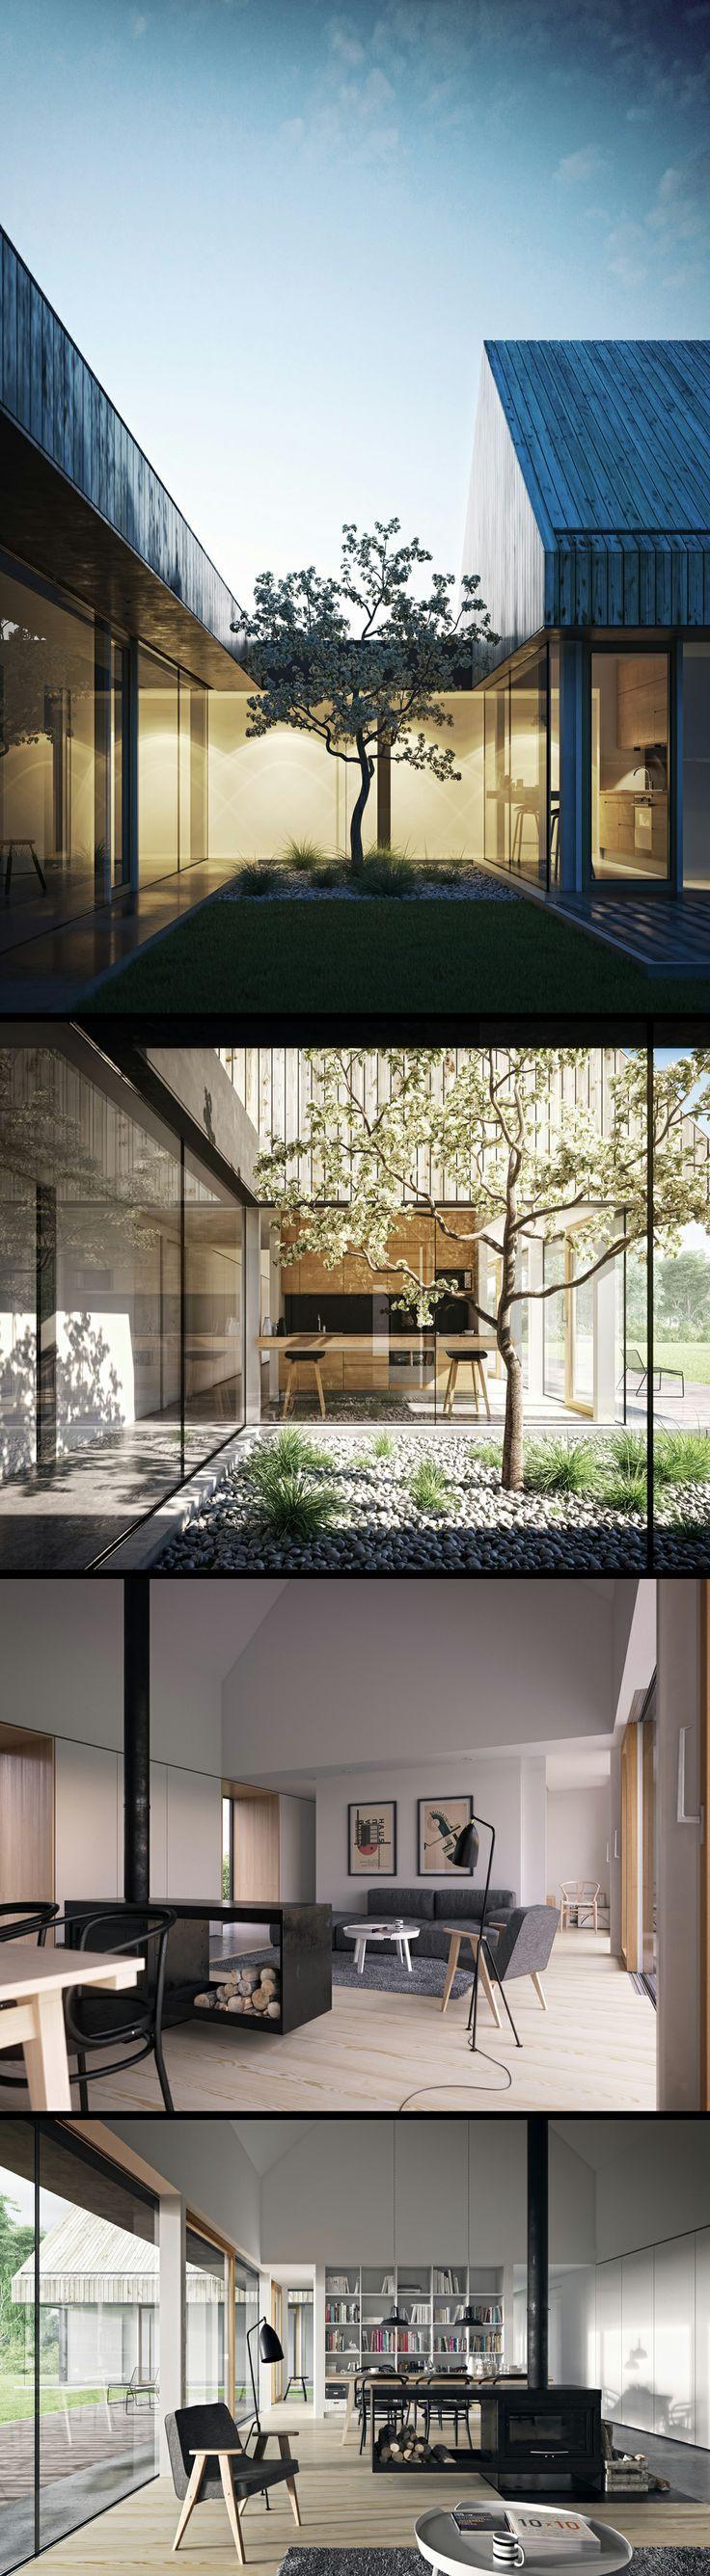 Barn House by Maciej Mackiewicz 1120px X 4067px #Villa